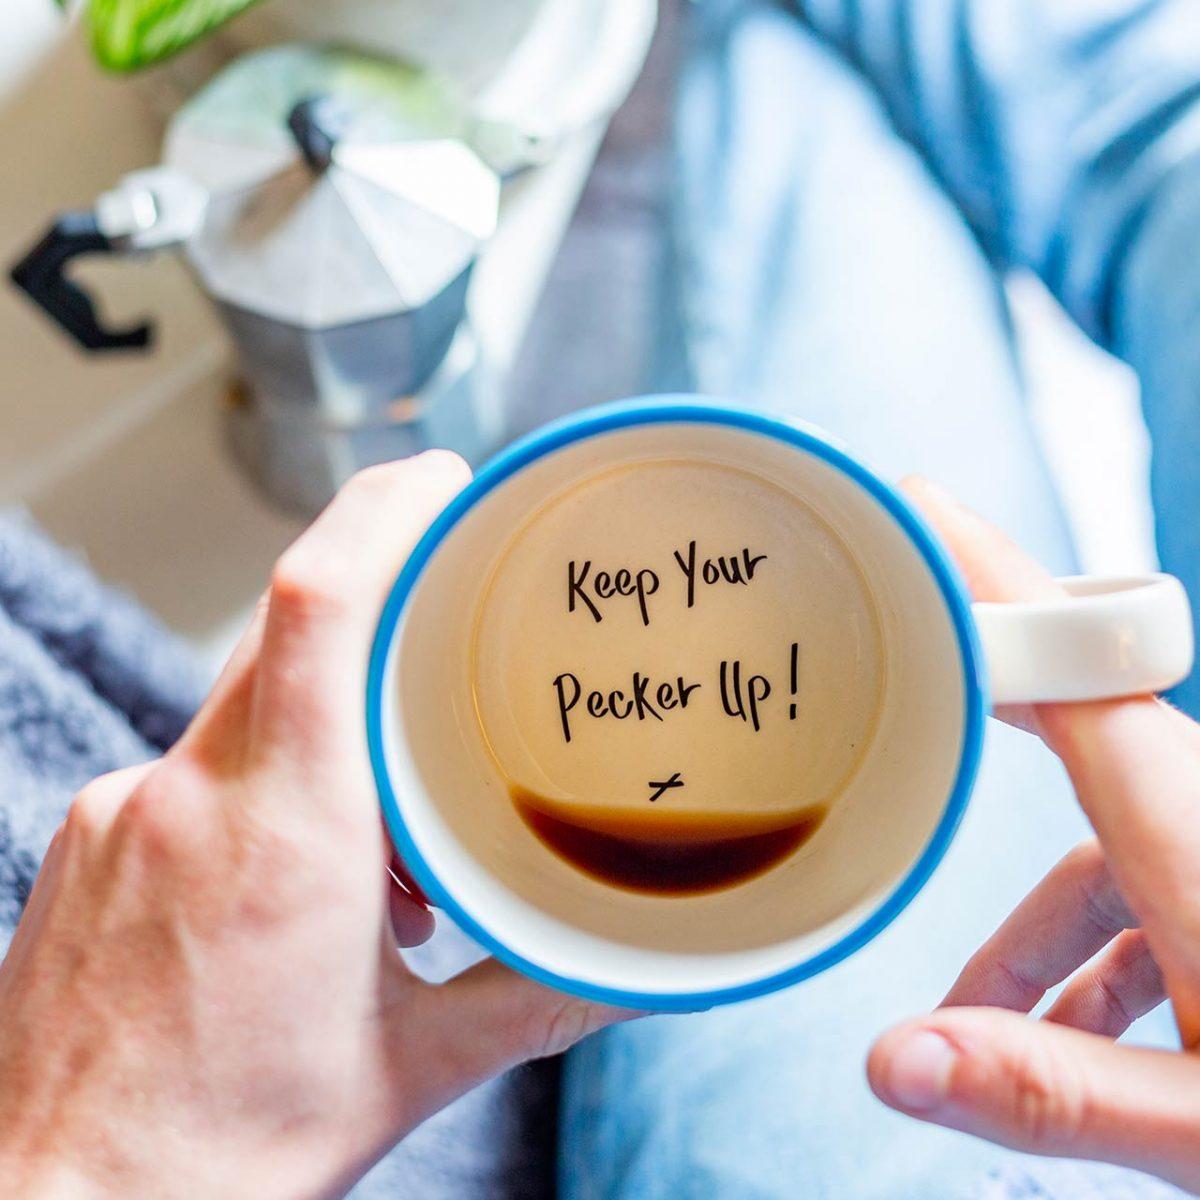 Keep Your Pecker Up - Handmade Mug - Kate Ceramics